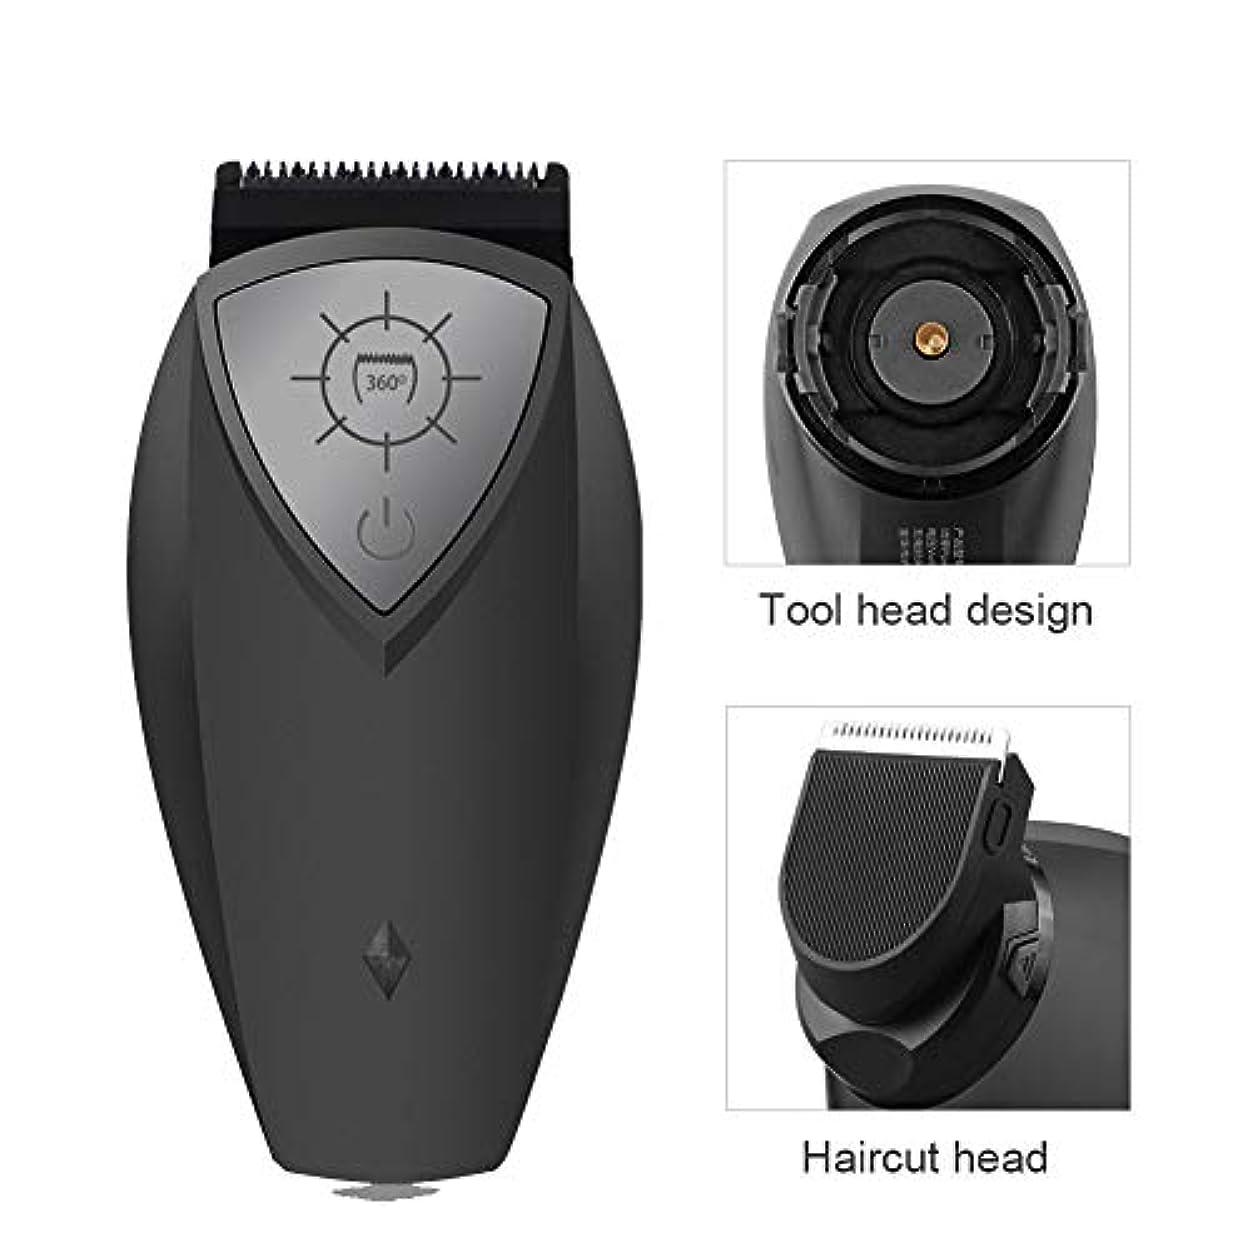 国籍フロントすべきLambowo 360度の回転式有料男性の電気シェーバーボディひげの毛のトリマーのかみそり